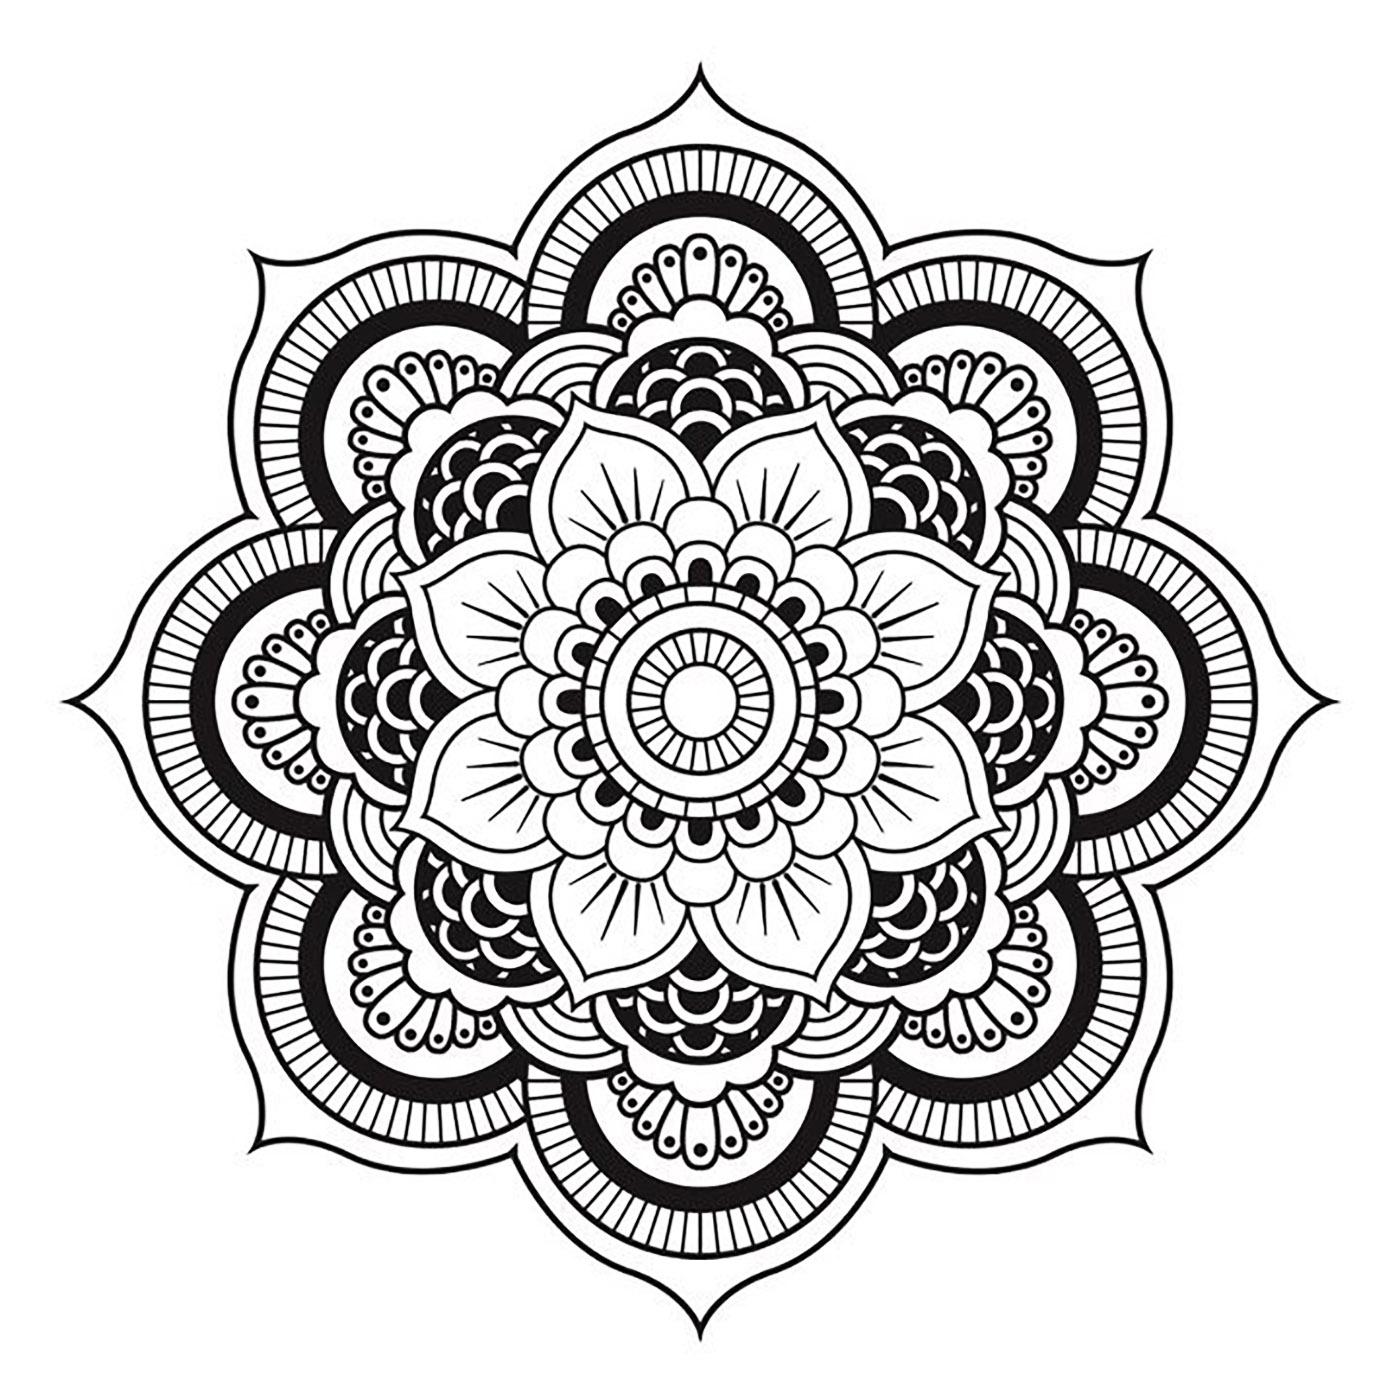 Mandala A Telecharger Et Colorier Fleur - Mandalas concernant Coloriage Mandala Adulte A Imprimer